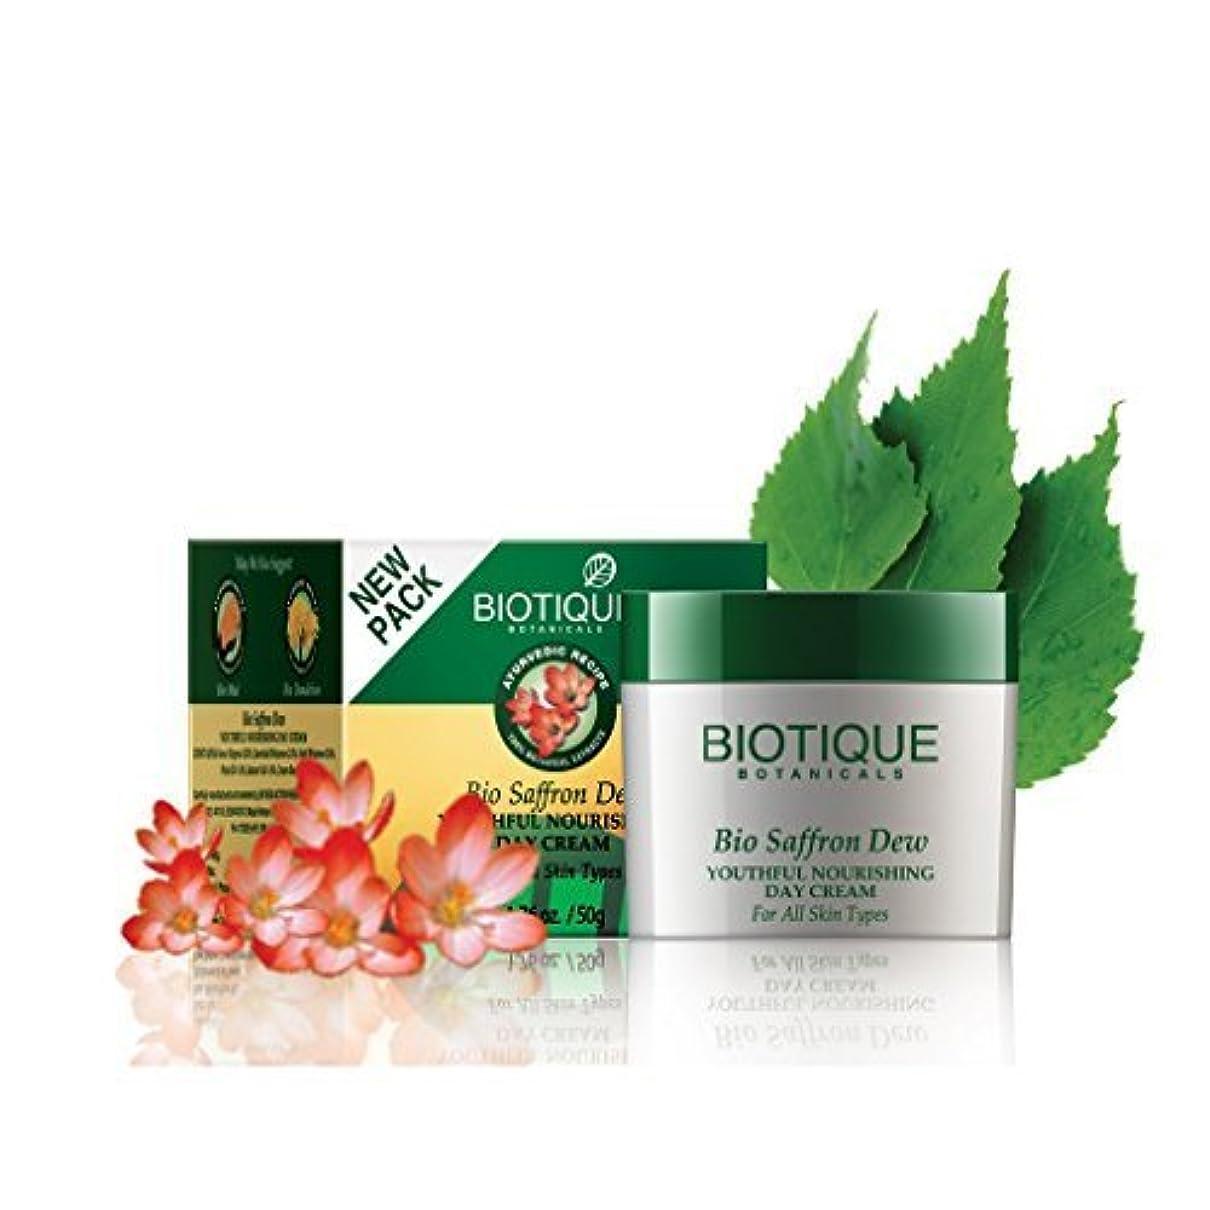 征服者ボイド事業内容Biotique Saffron Dew 50g -- Ageless face & body cream by Biotique [並行輸入品]